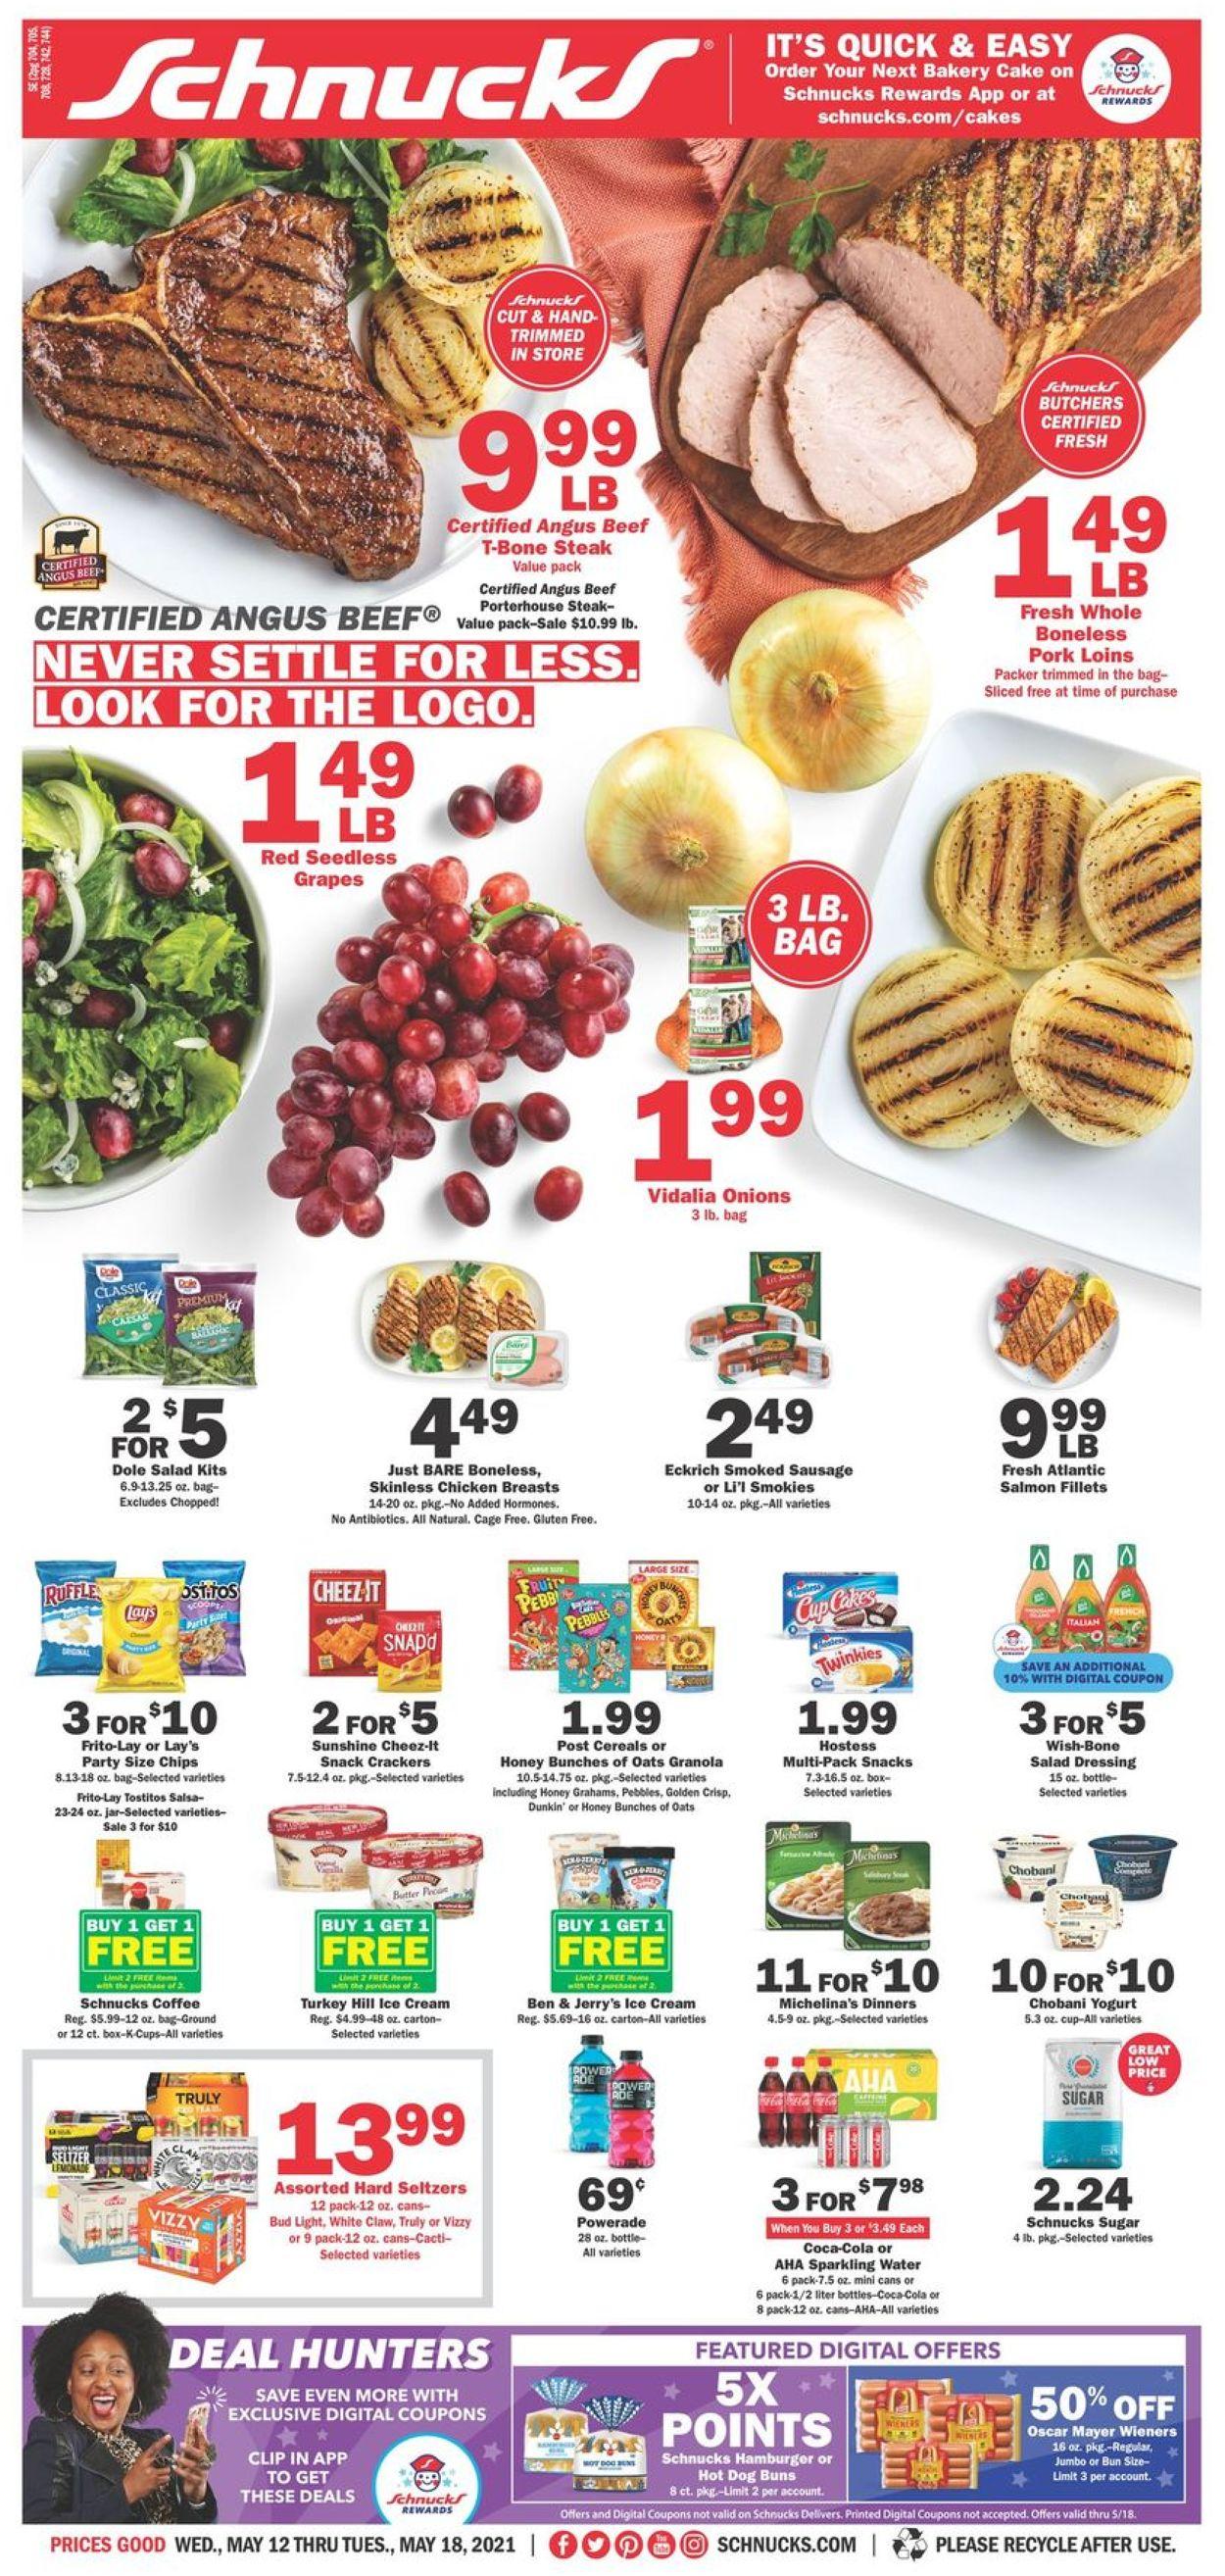 Schnucks Weekly Ad Circular - valid 05/12-05/18/2021